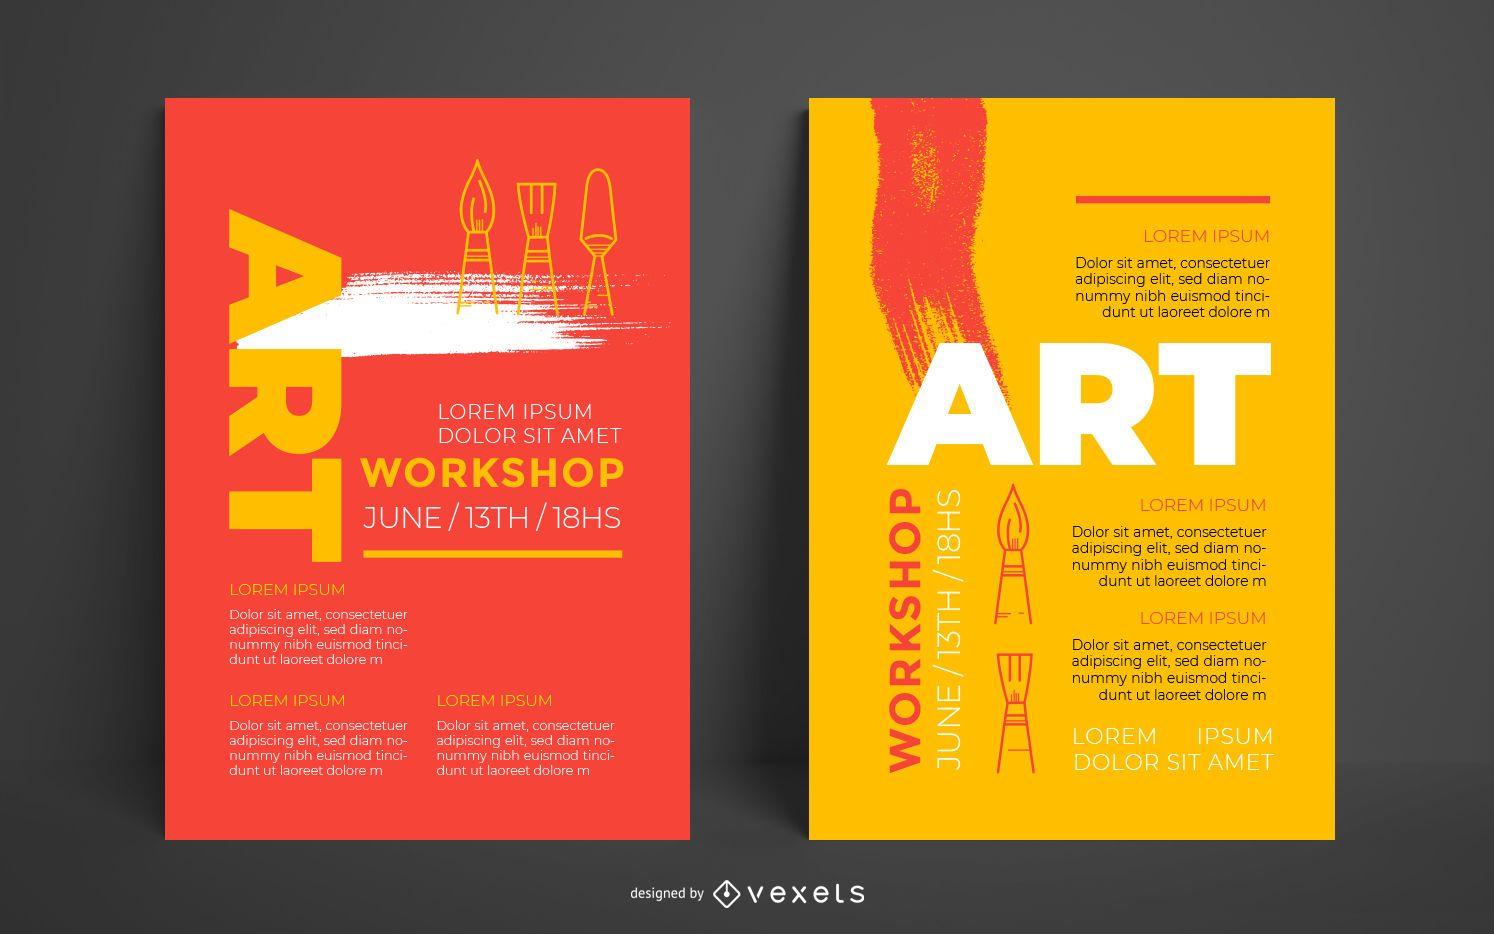 Plantilla de póster de taller de arte